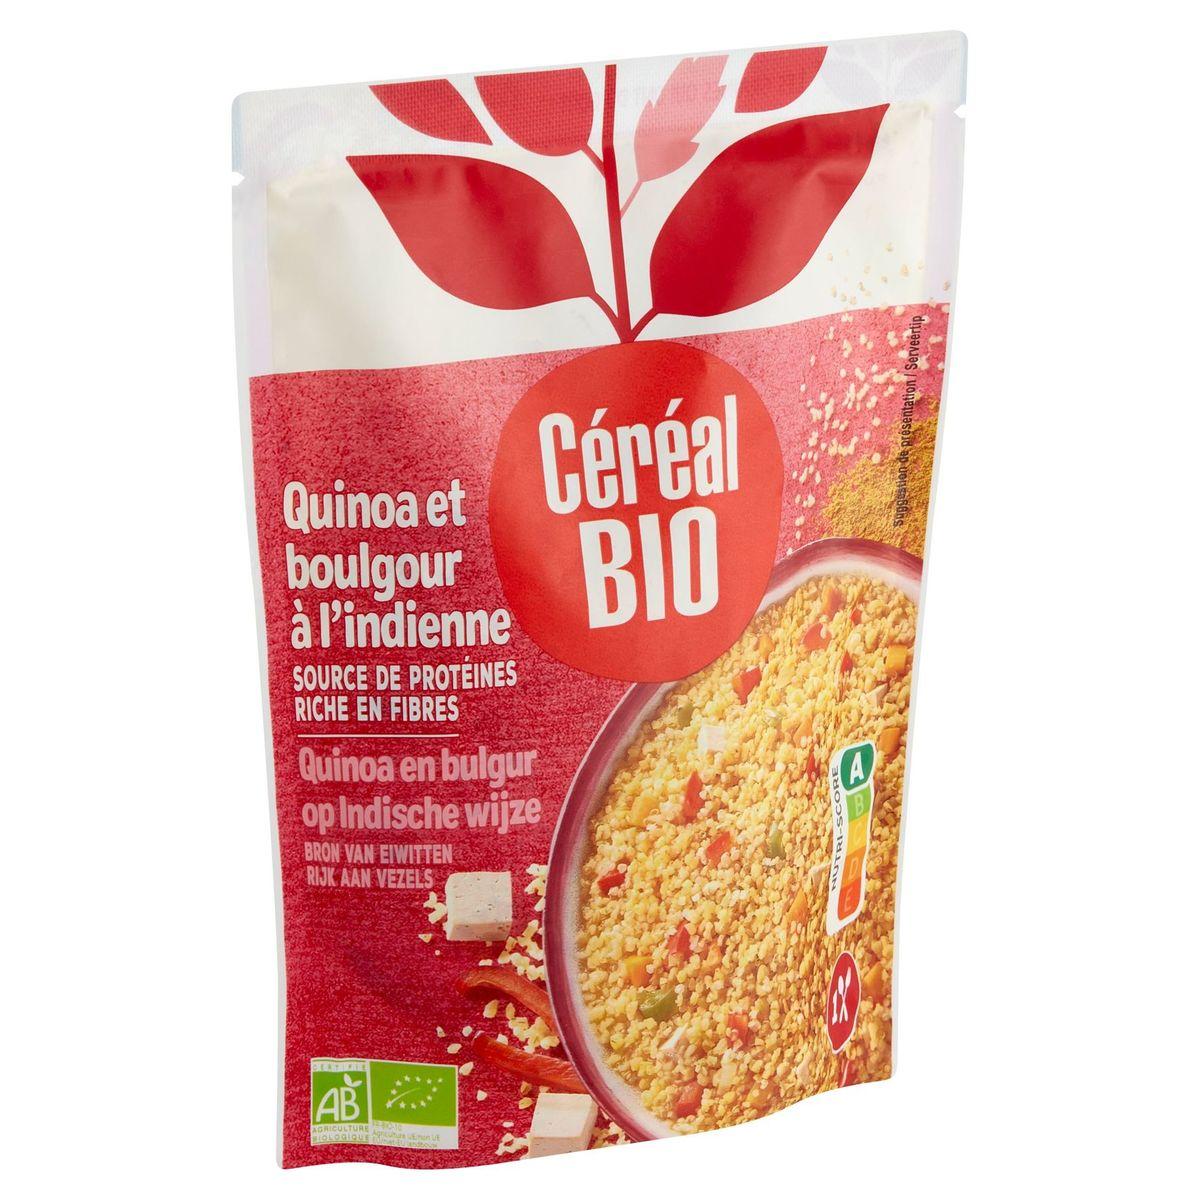 Céréal Bio Cuisiné Quinoa & Boulghour à l'Indienne 220 g